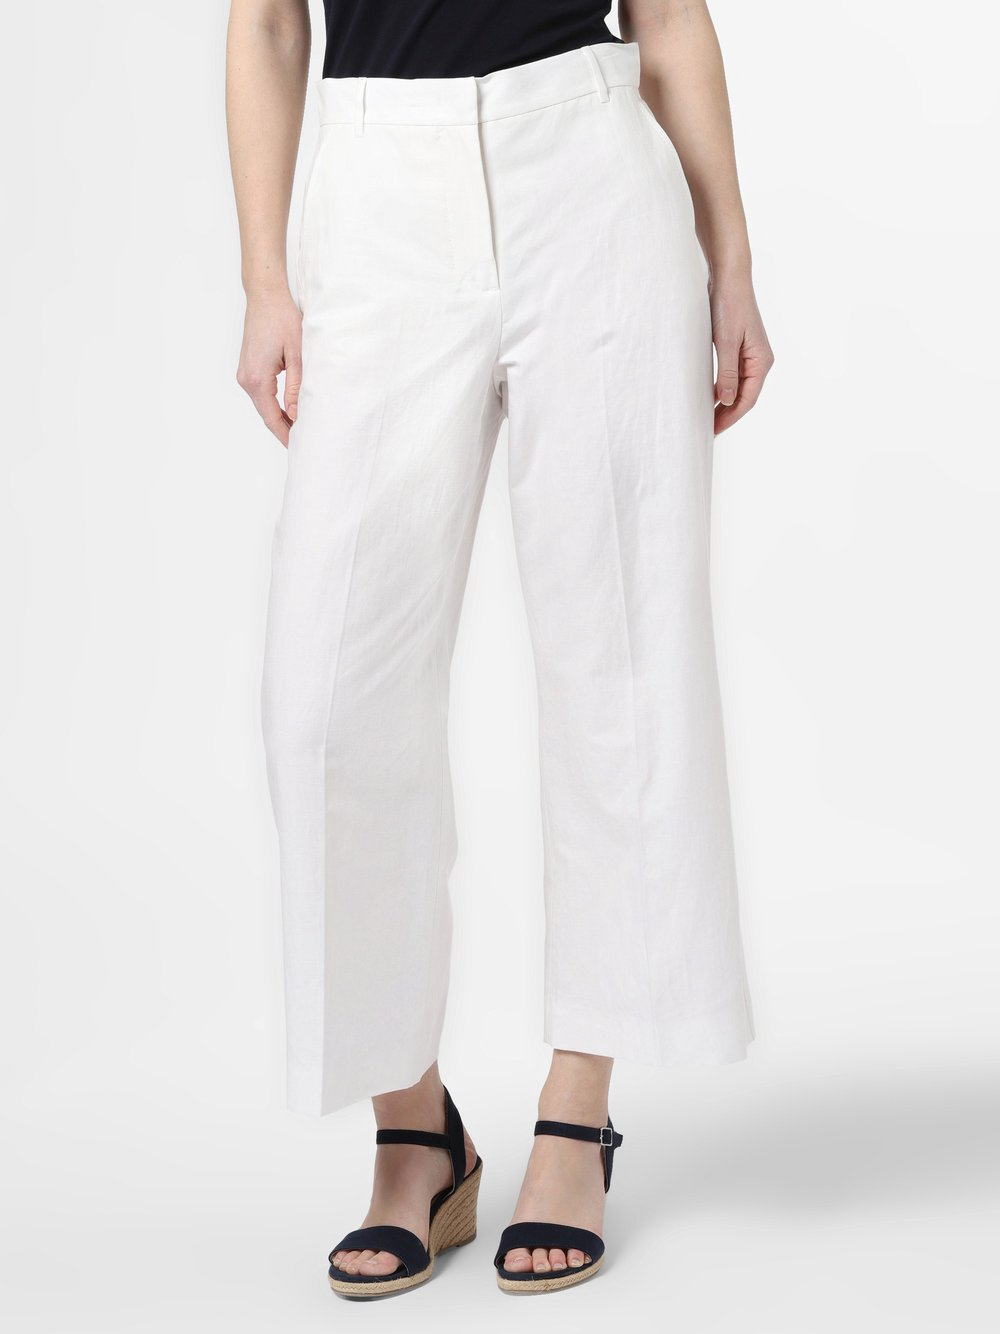 Weekend Max Mara - Spodnie damskie z dodatkiem lnu – Angio, biały